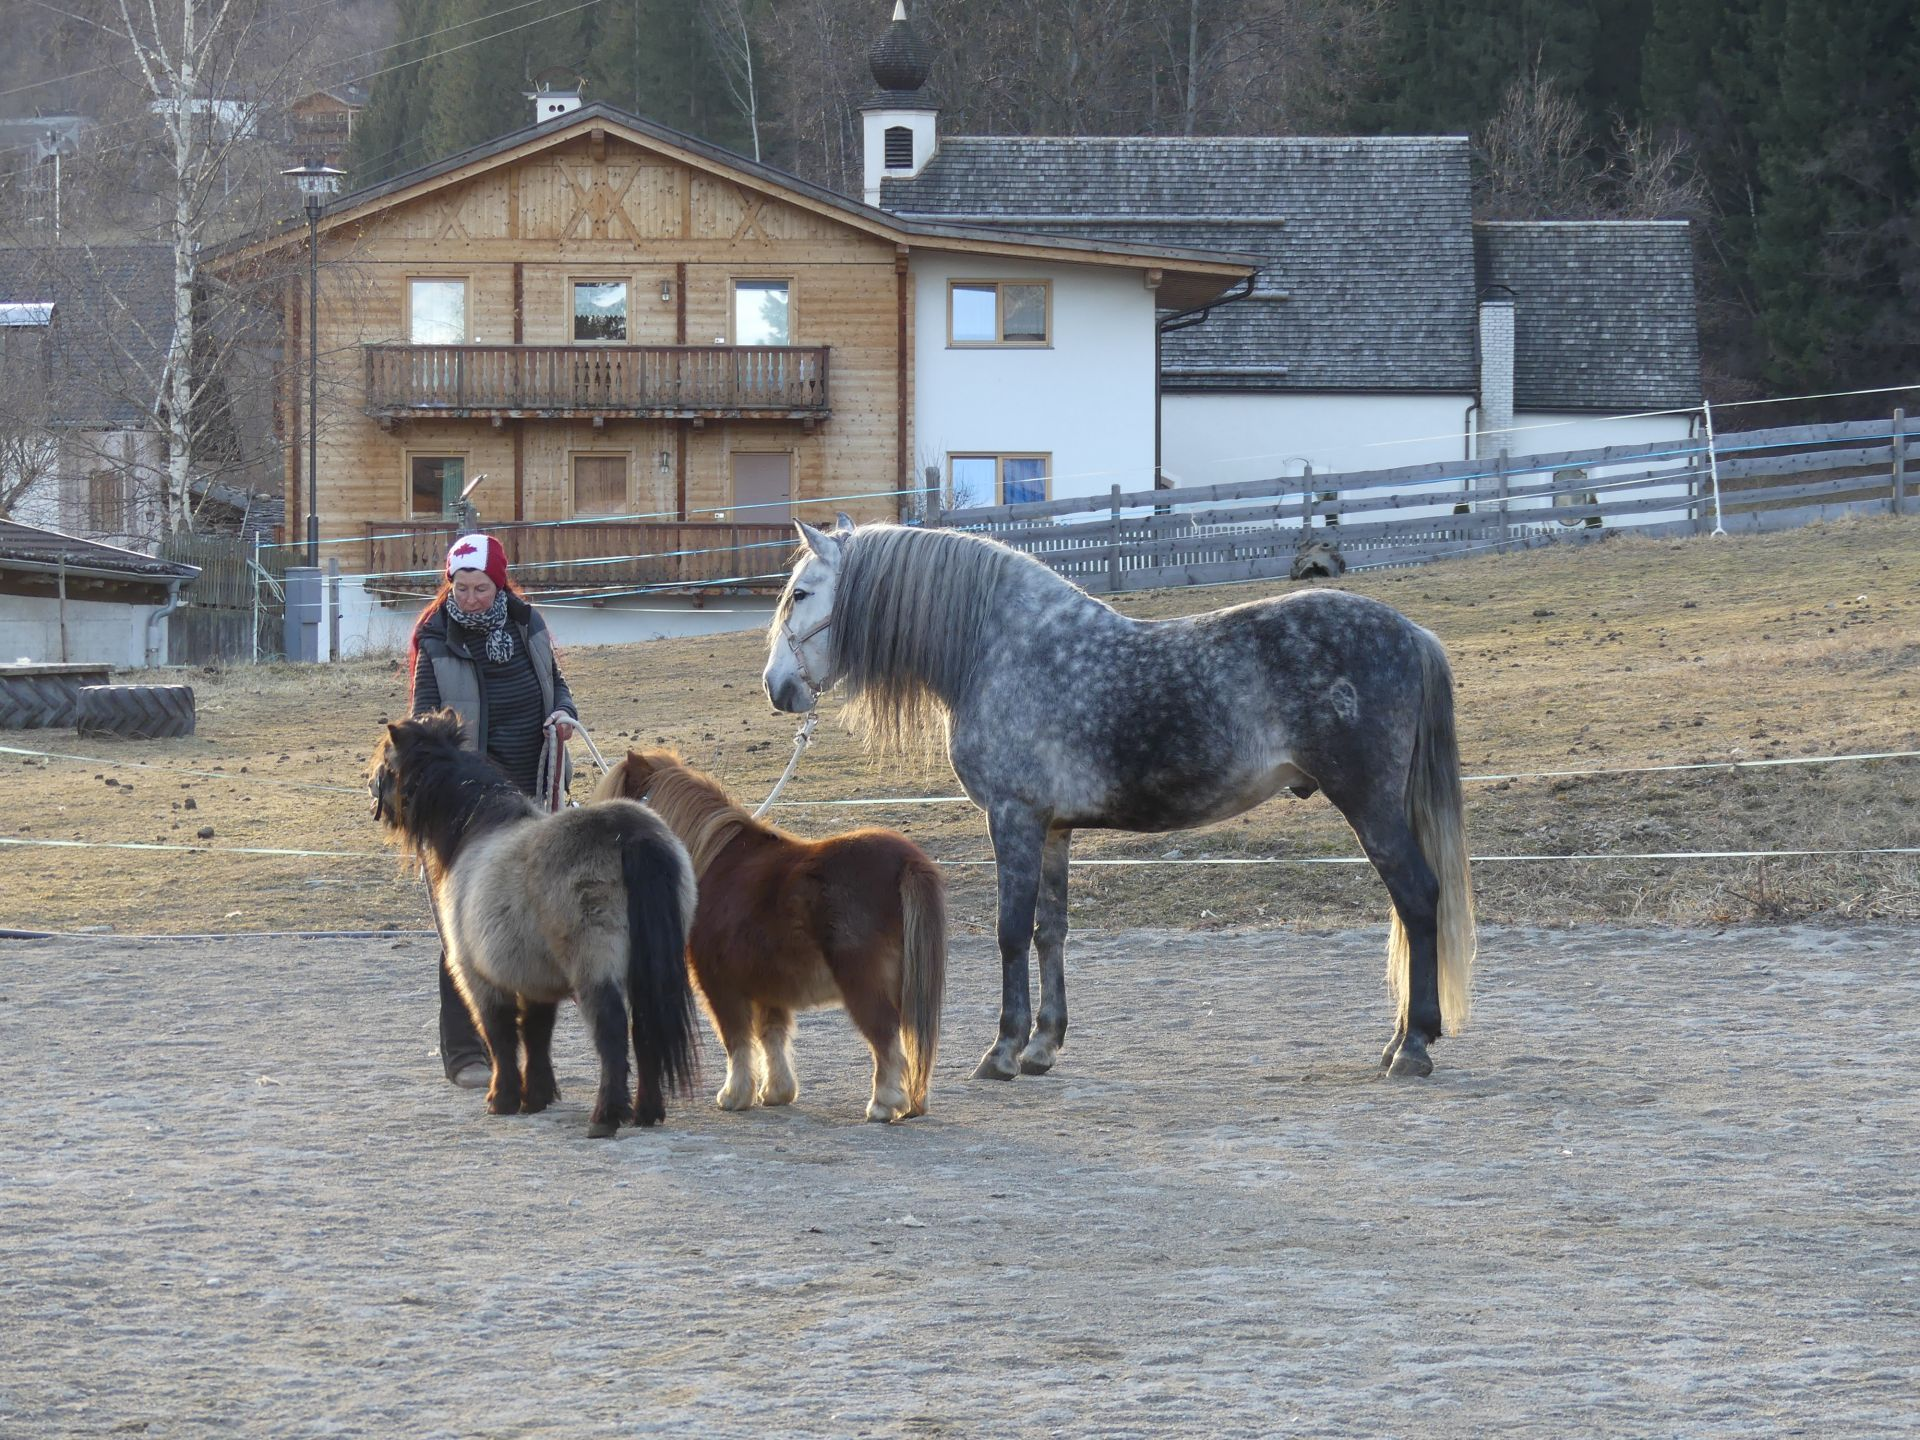 Theistadl hotel appartements cavalcare - Avere un cavallo ...